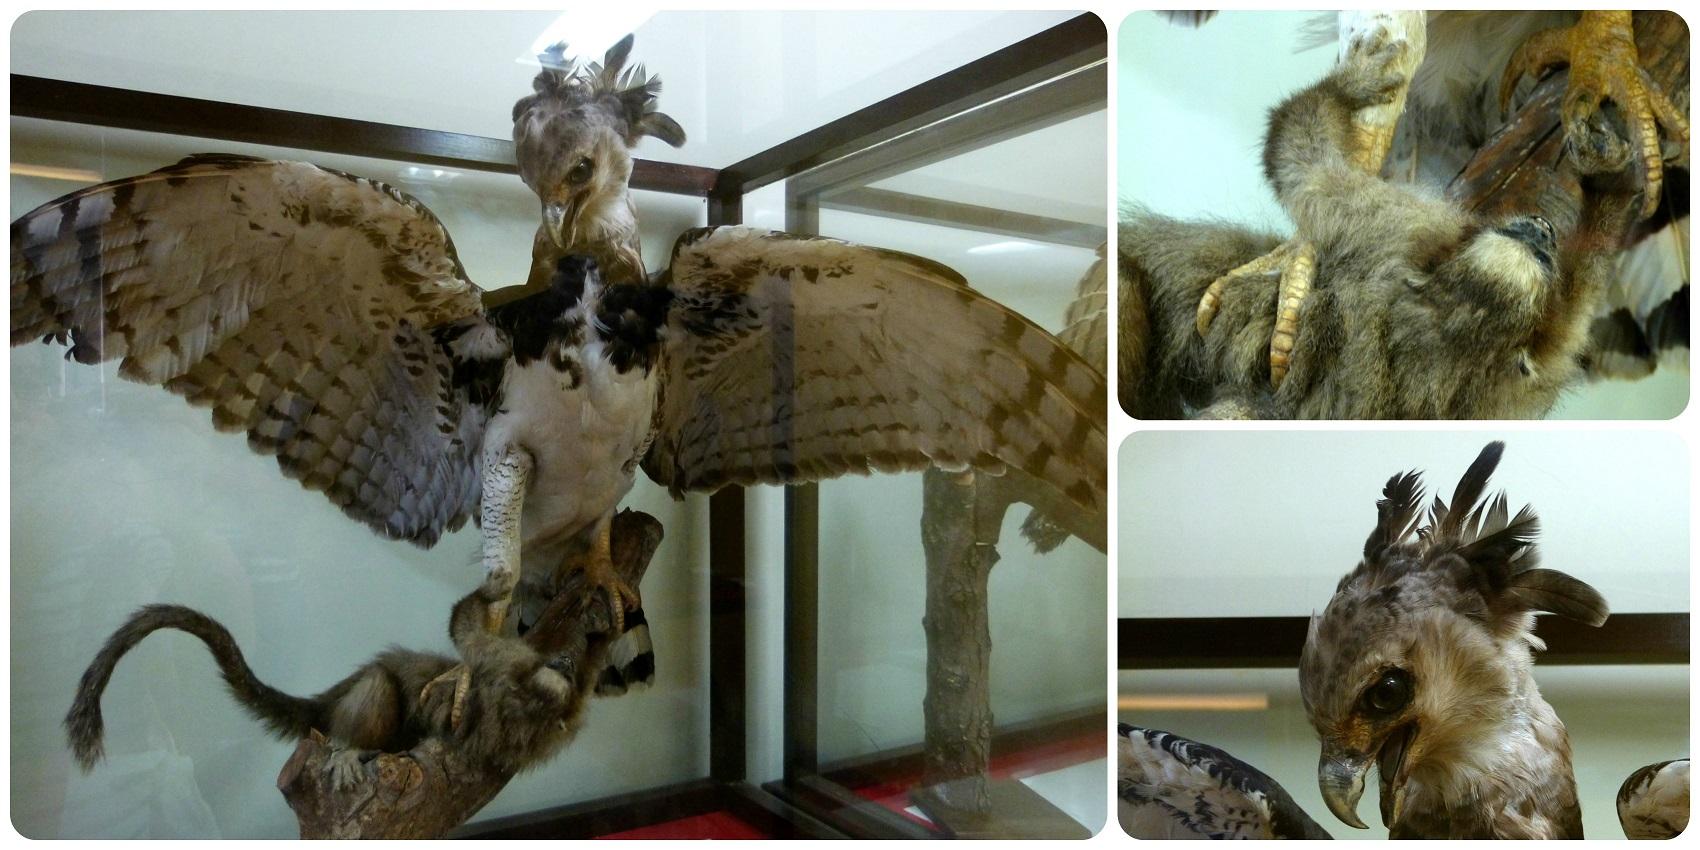 Águila expuesta en el Museo de historia natural de Popayán